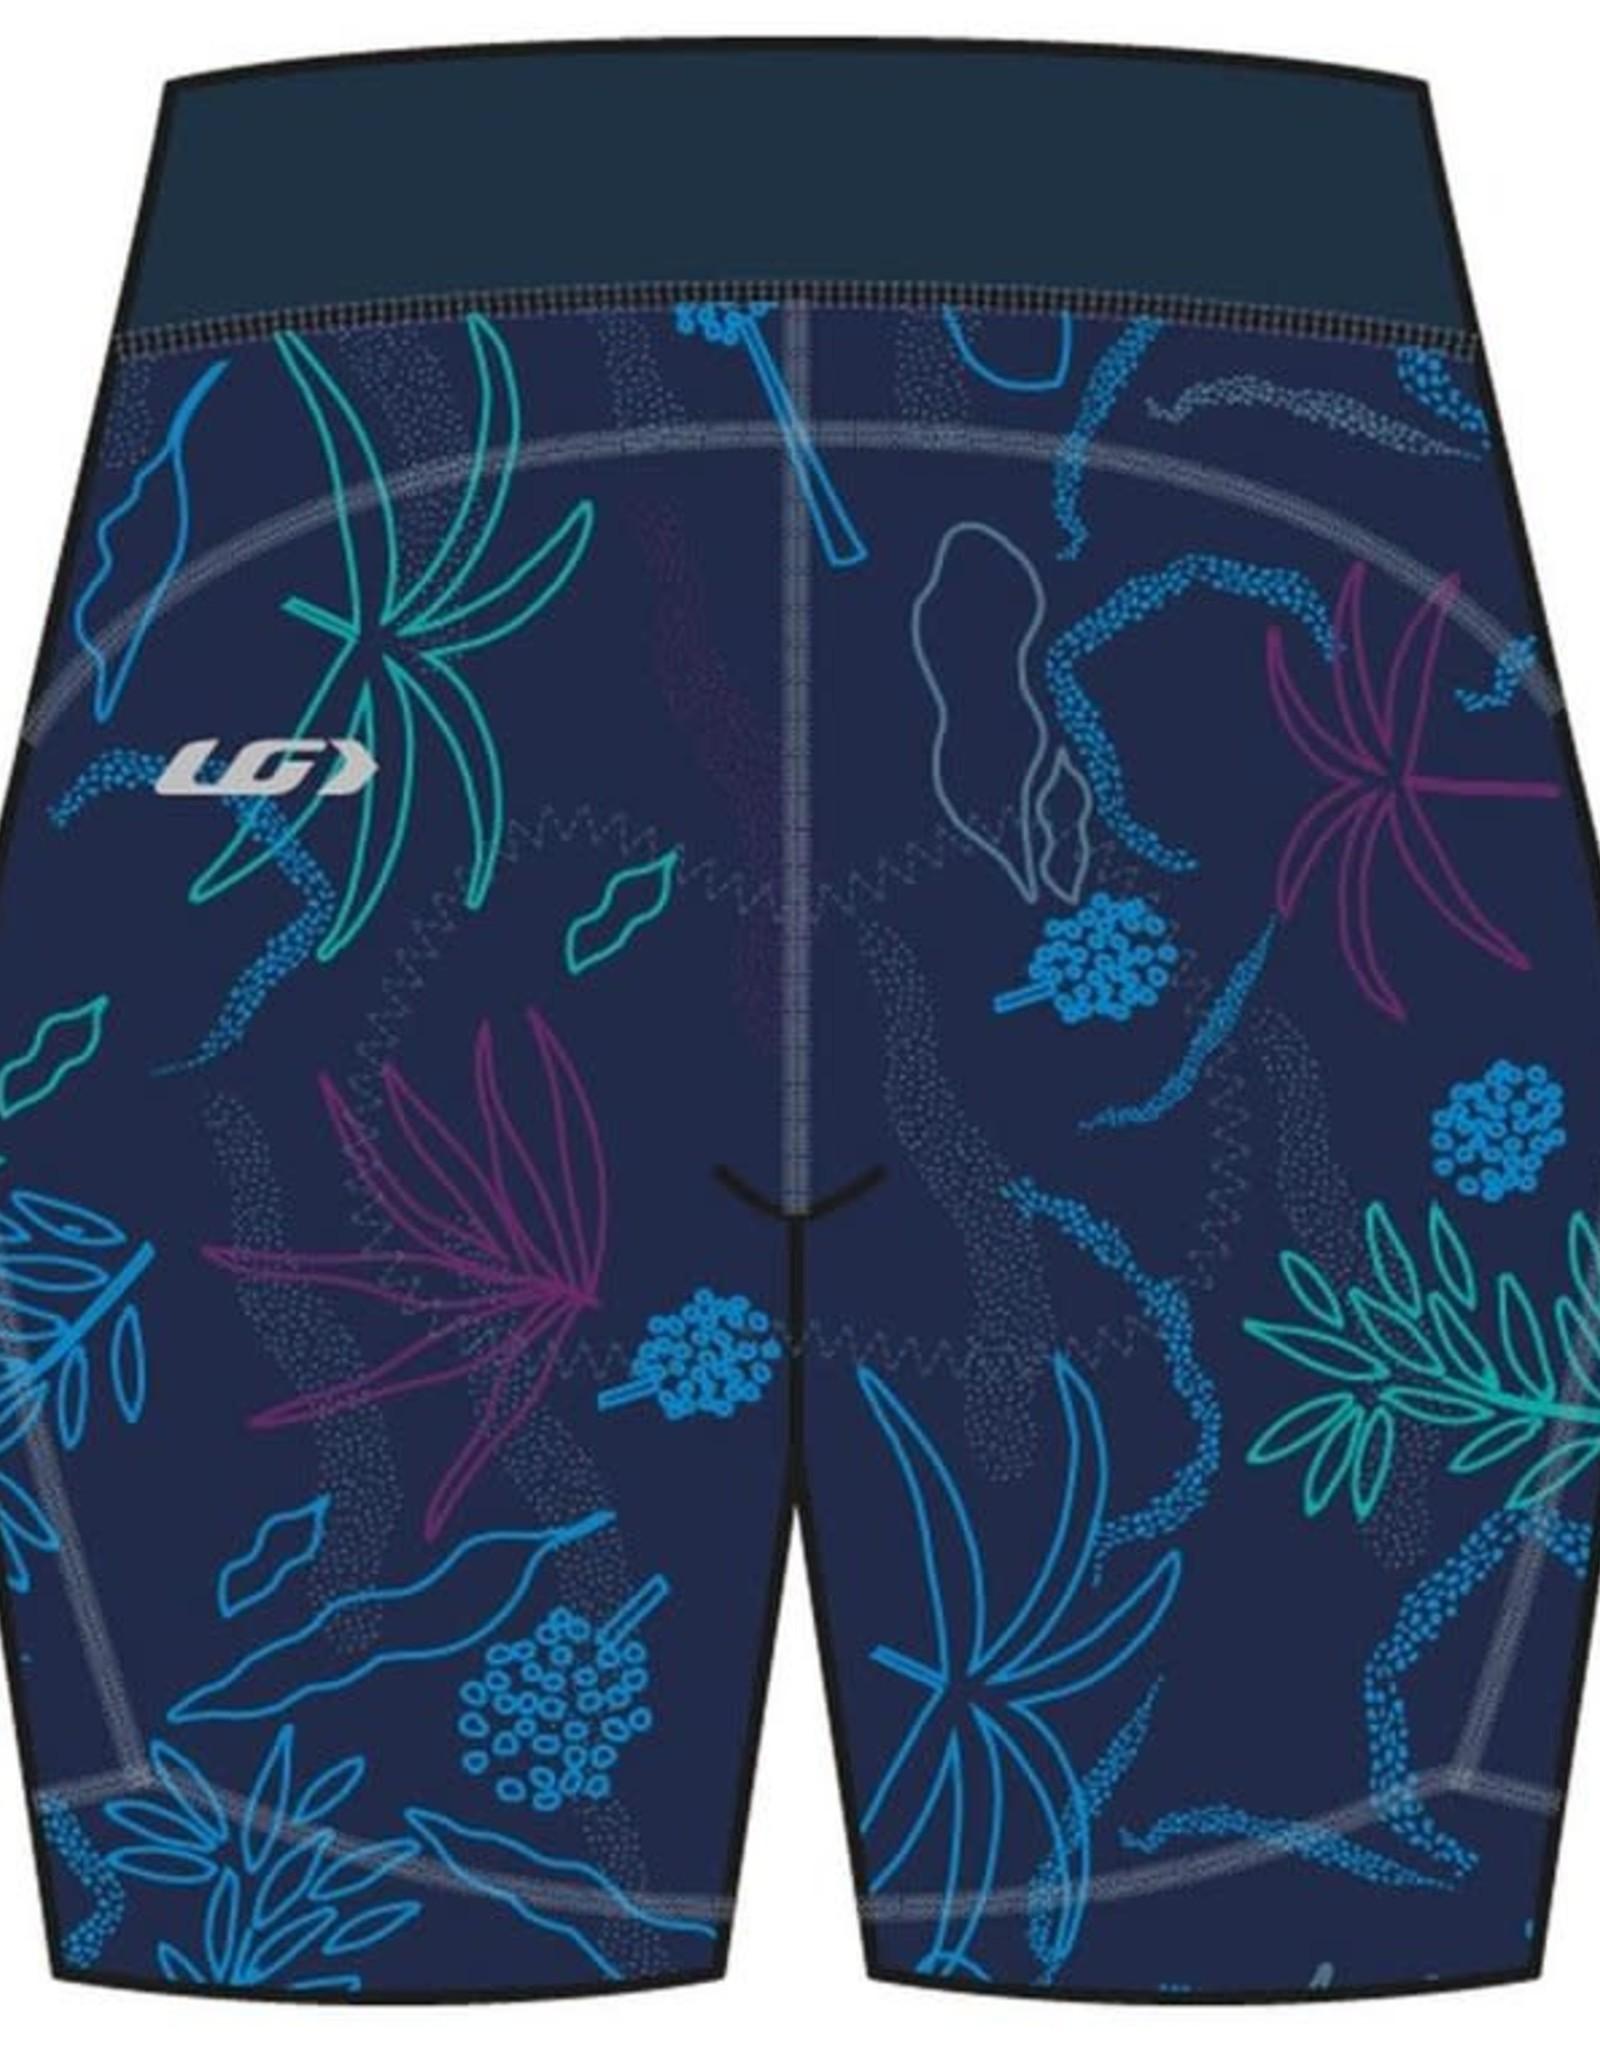 GARNEAU LOUIS GARNEAU WOMEN'S NEO POWER ART MOTION 7 SHORTS BLUE/FLOWERS L